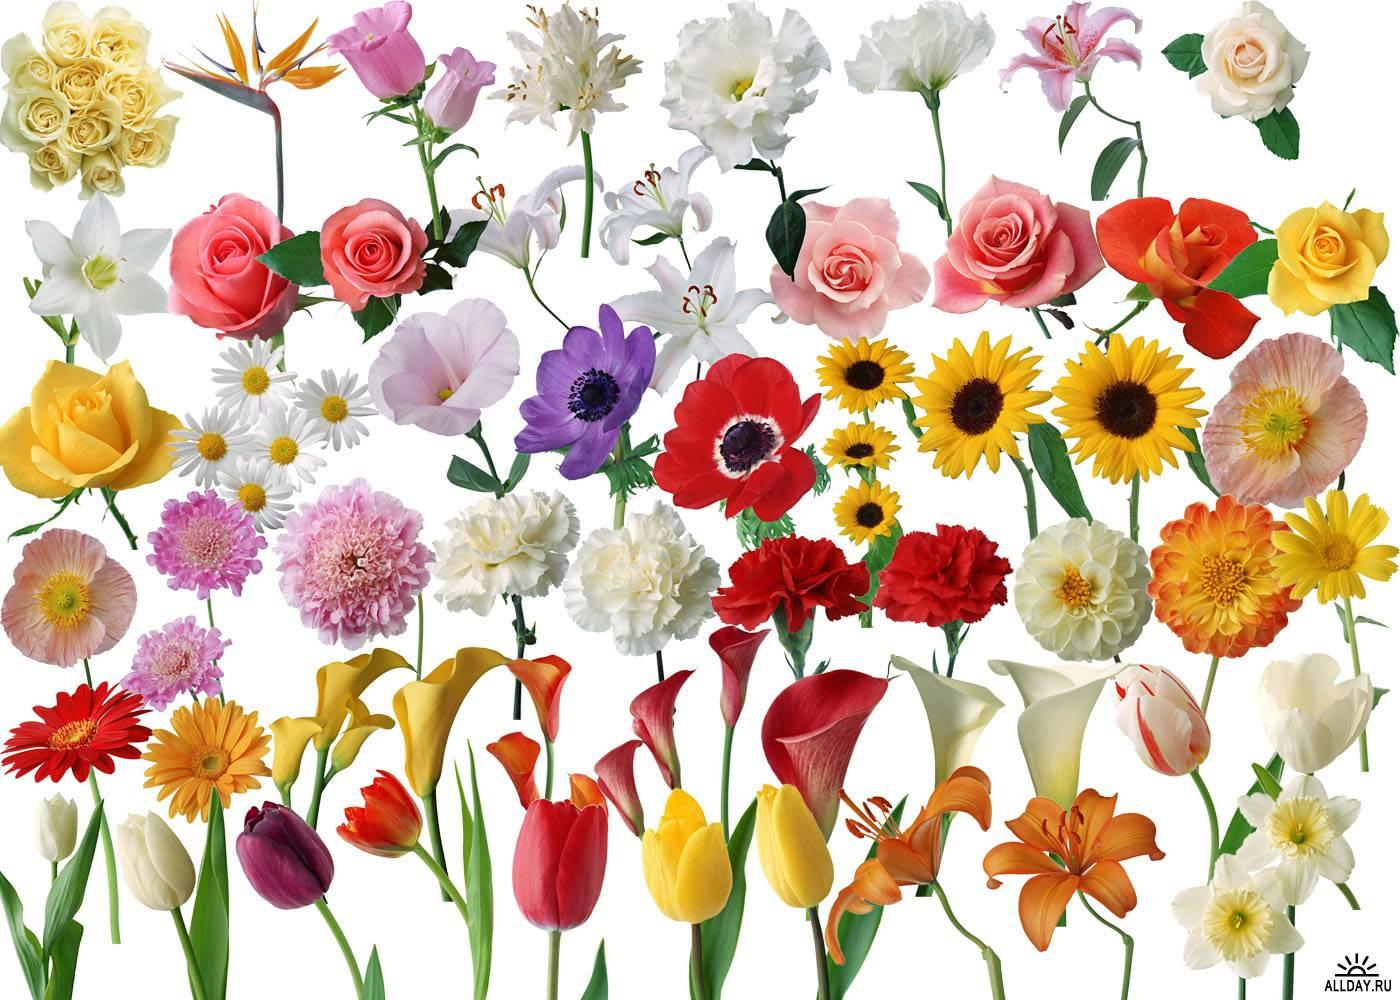 Разные цветы на одной картинке